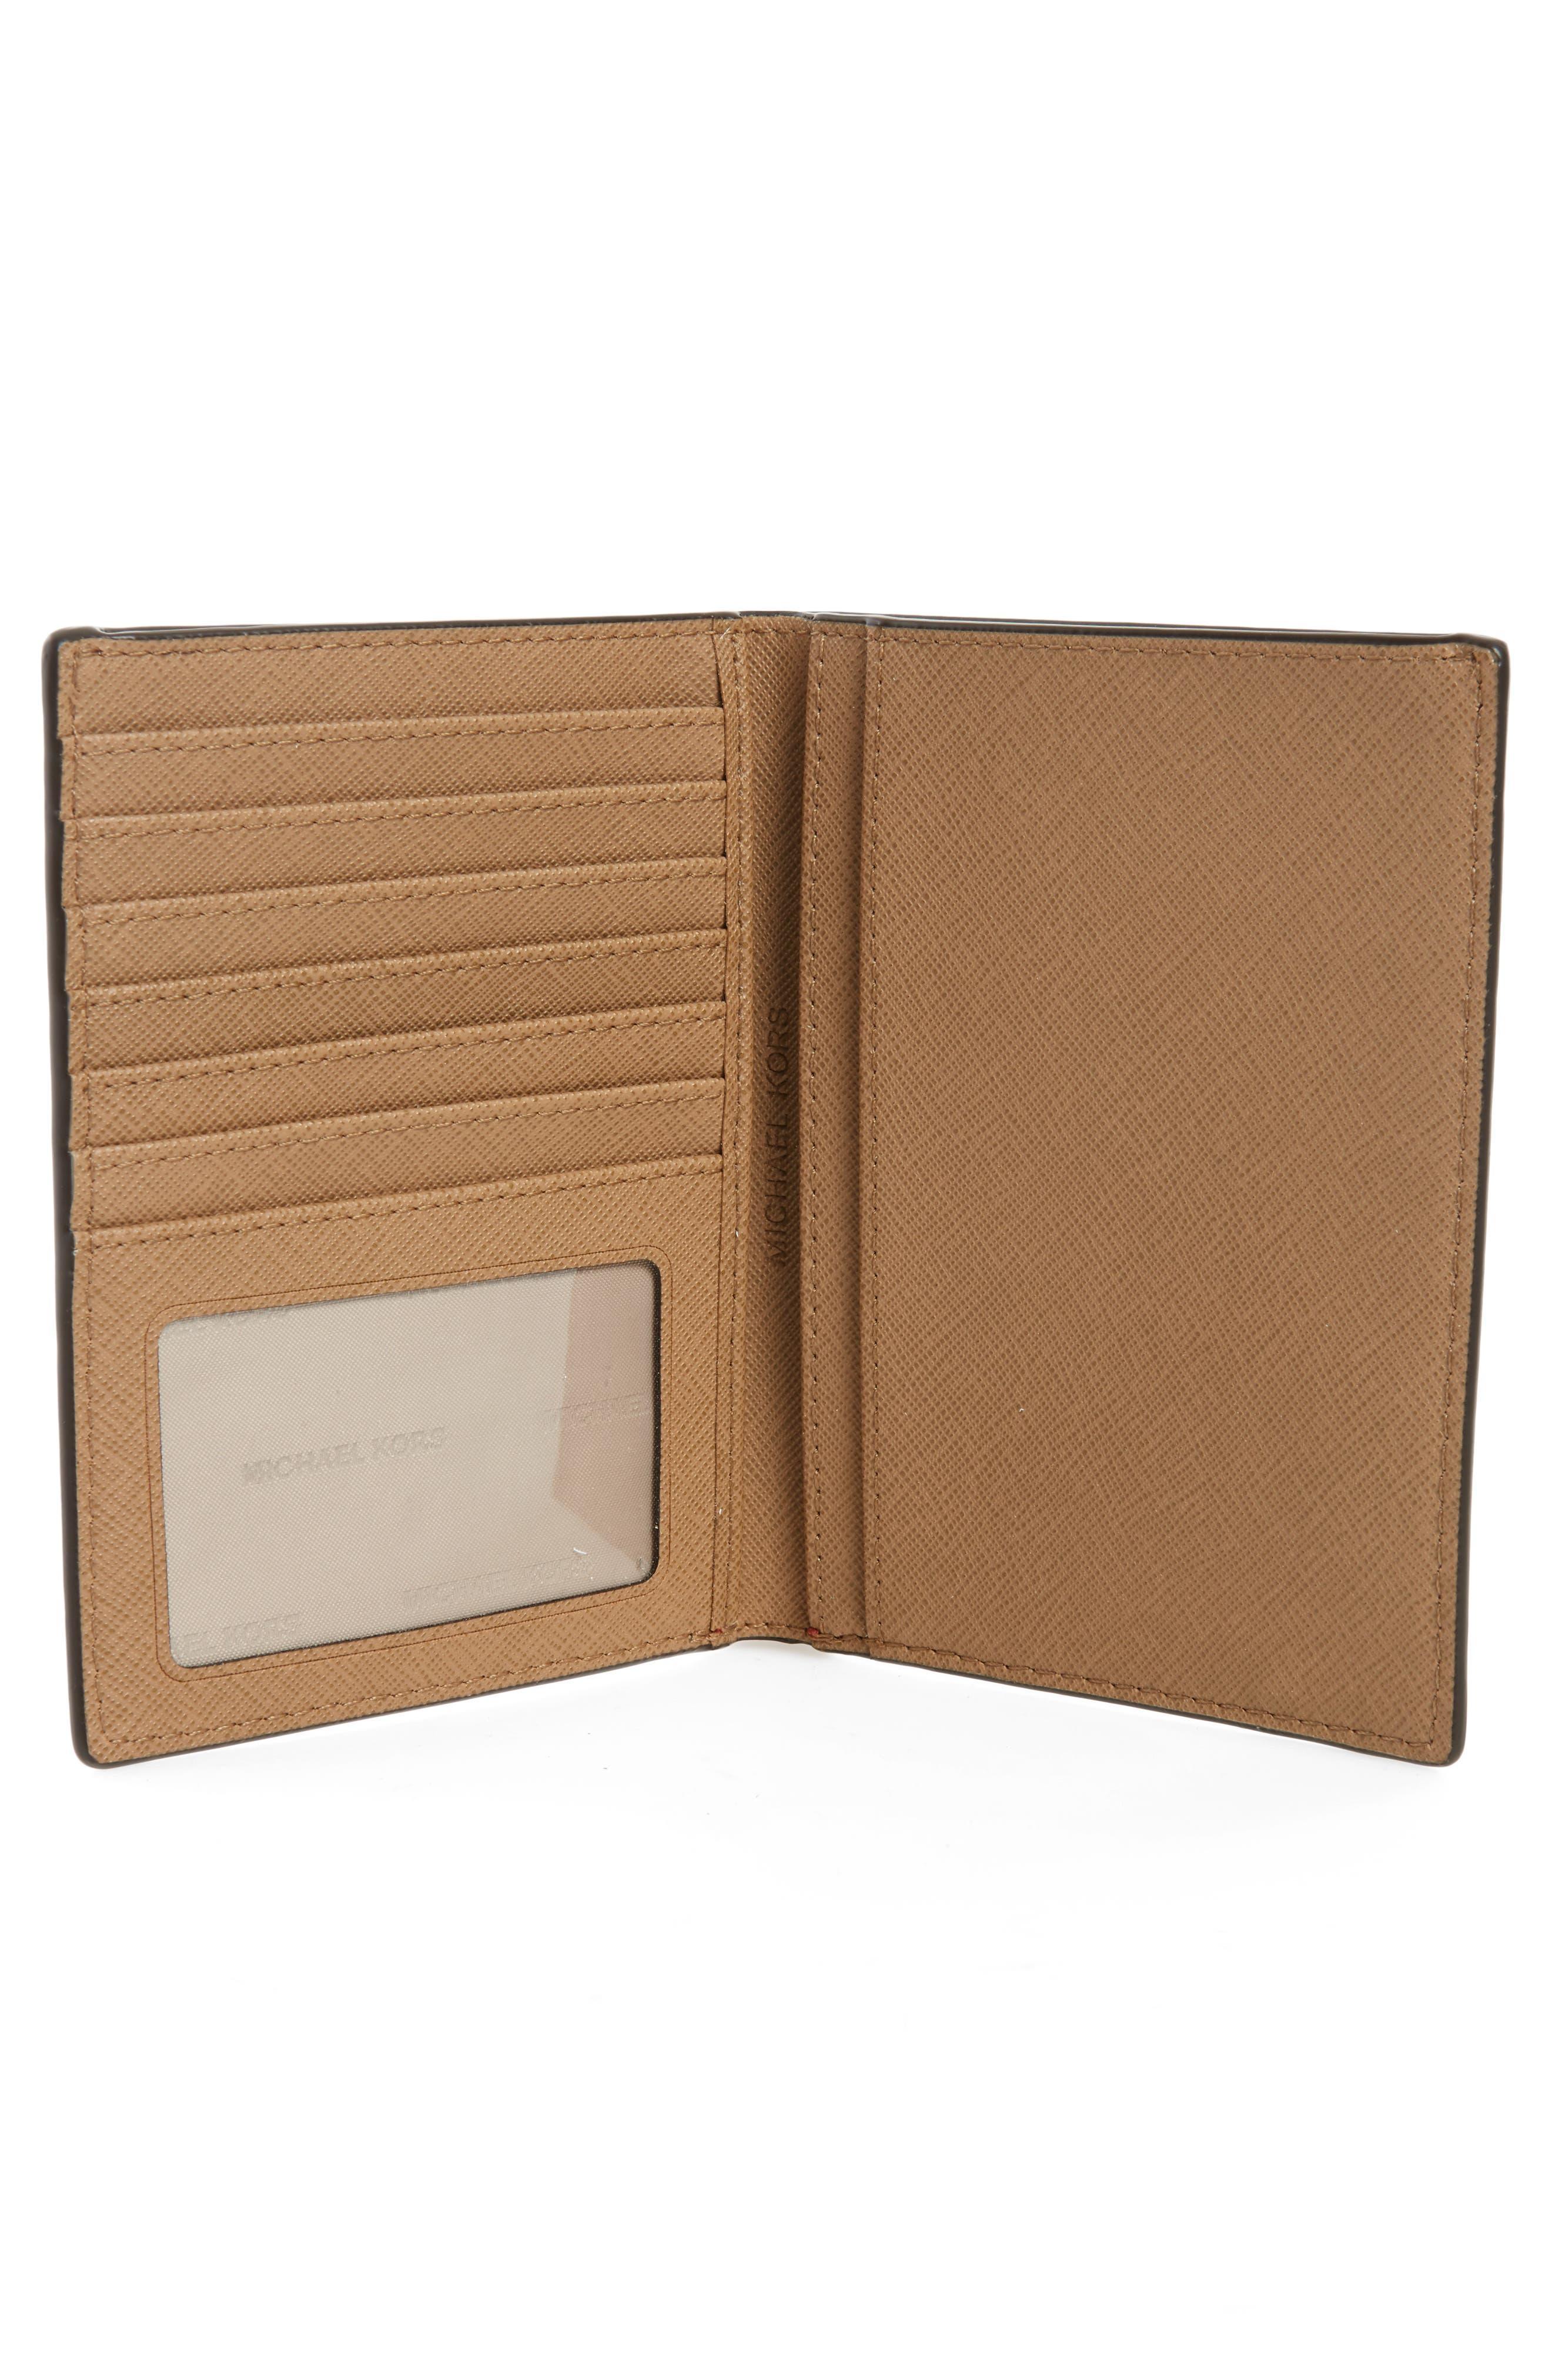 Mercer Passport Wallet,                             Alternate thumbnail 4, color,